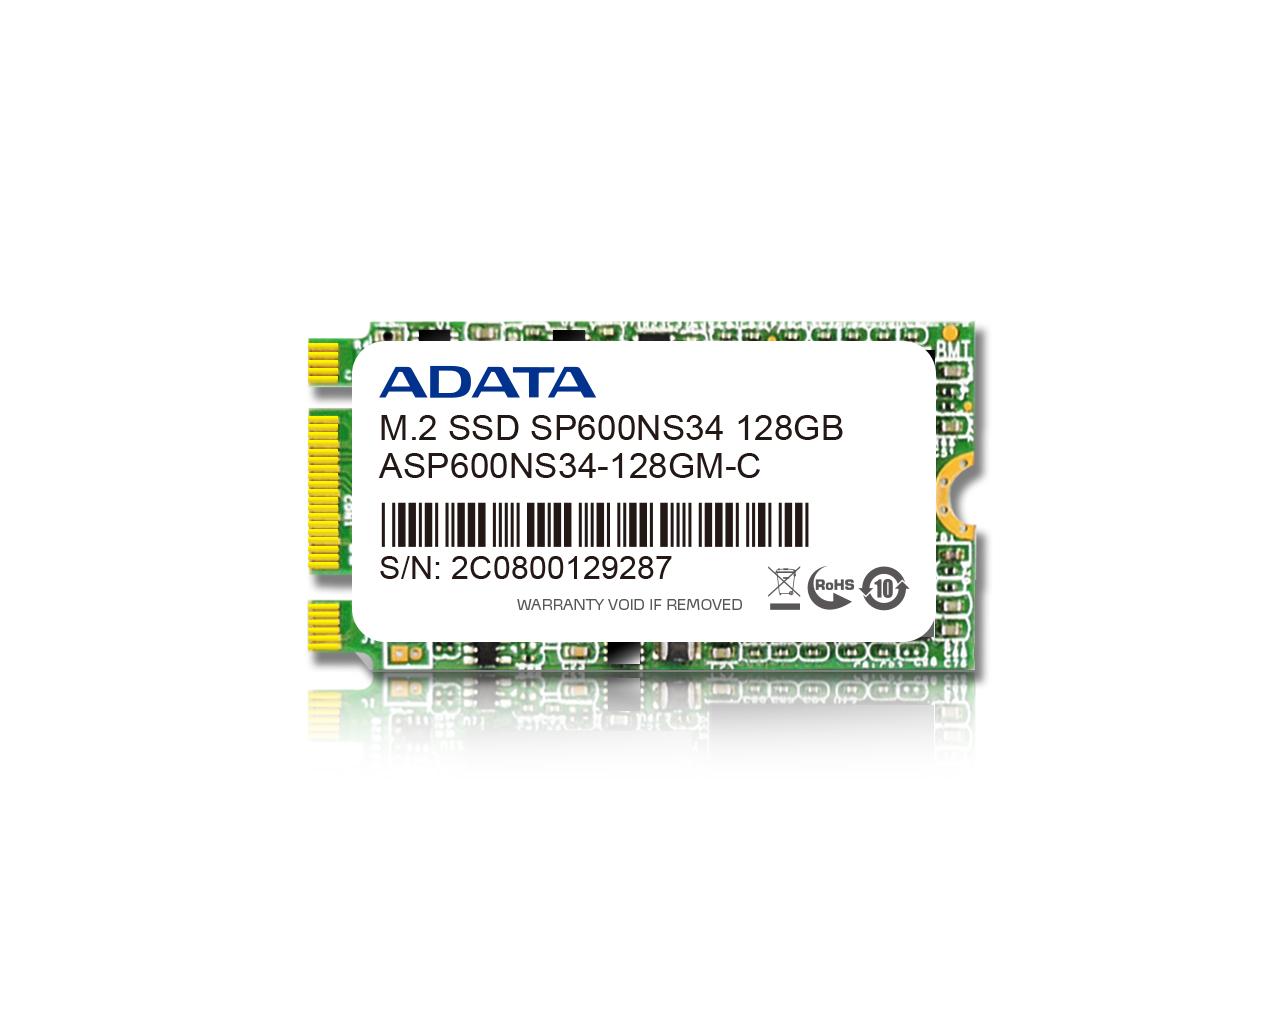 ADATA SSD SP600NS34 128GB M.2 SATA 2242